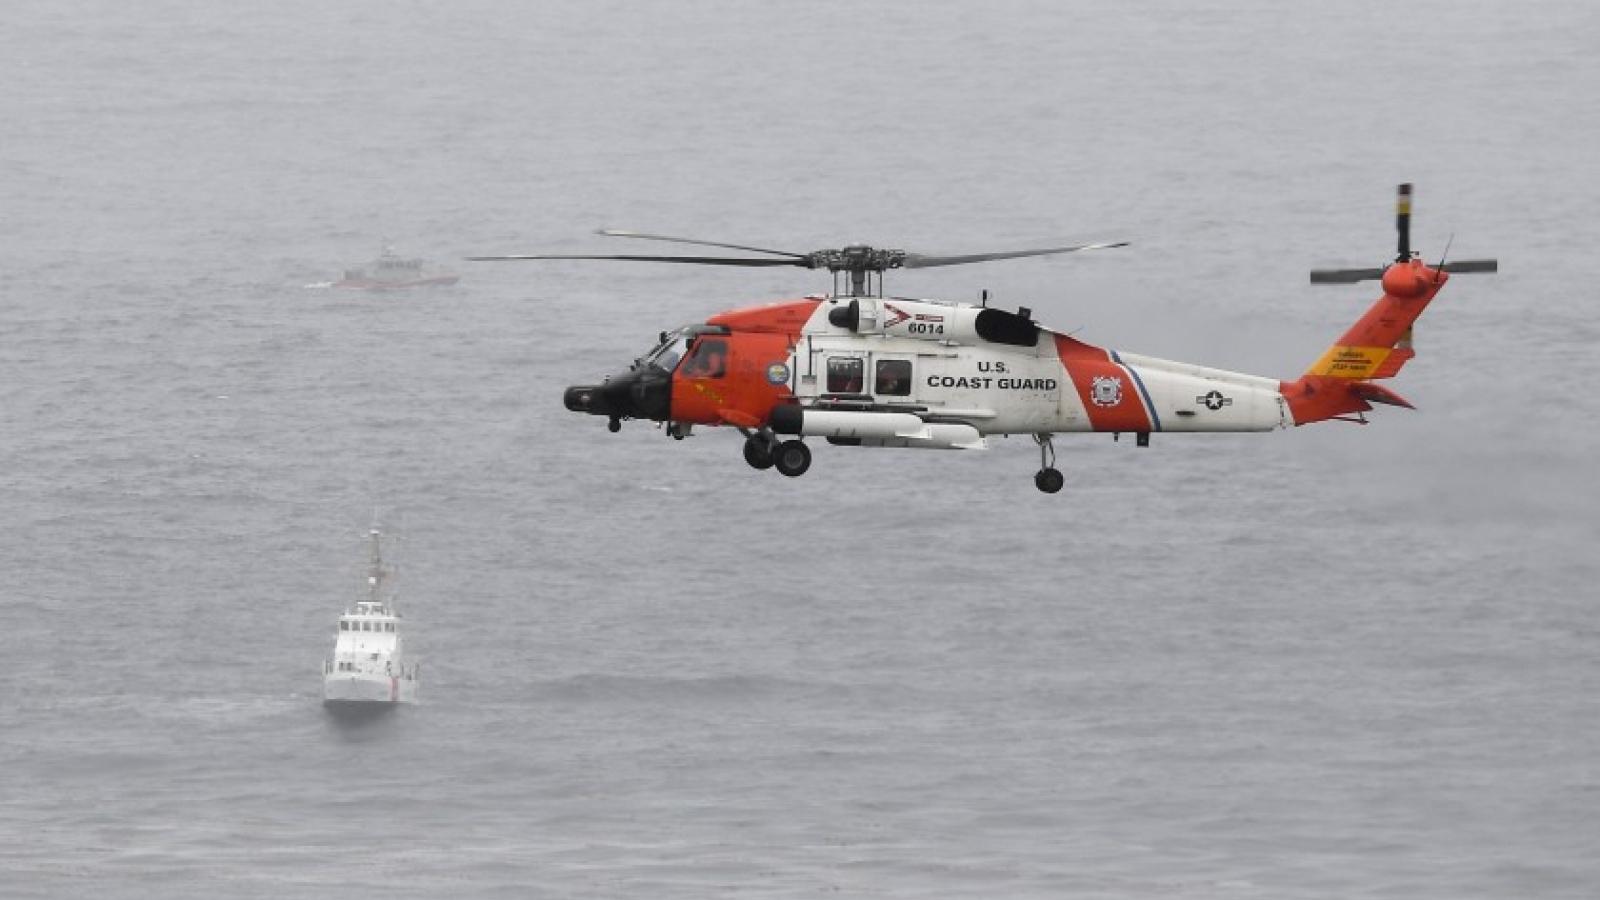 Lật tàu khiến 23 người thương vong ở bang California, Mỹ